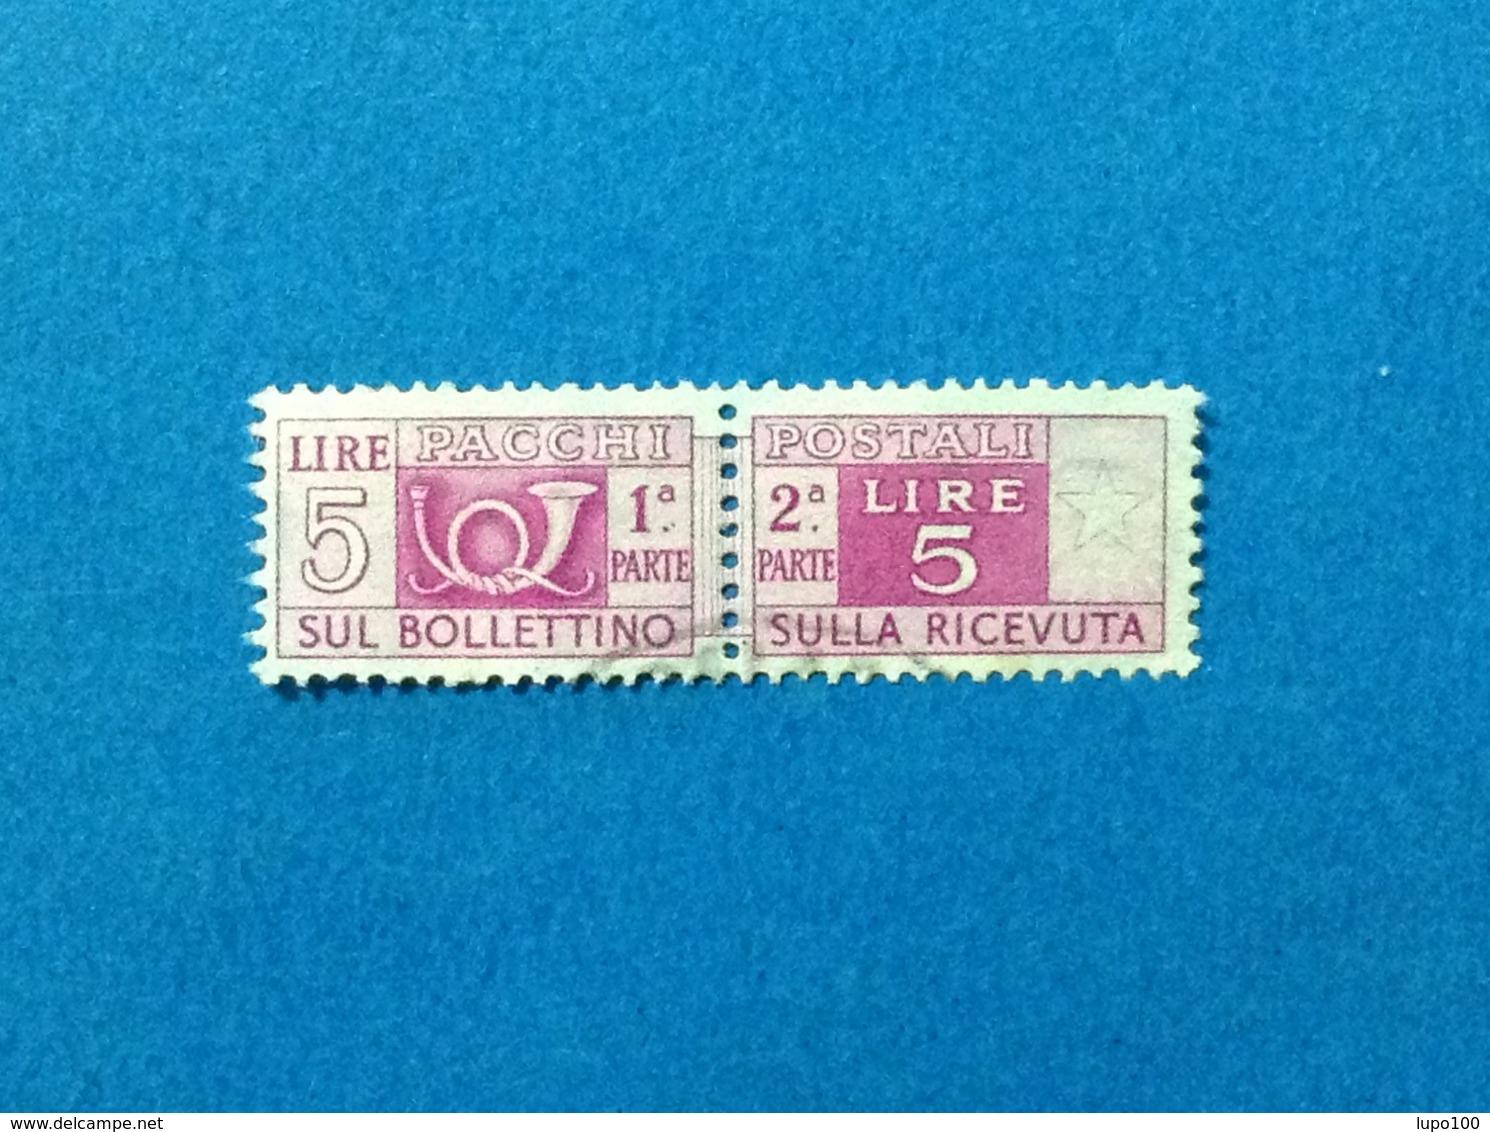 1947 ITALIA FRANCOBOLLO USATO STAMP USED SERVIZI PACCHI POSTALI 5 LIRE FILIGRANA RUOTA - 6. 1946-.. Repubblica